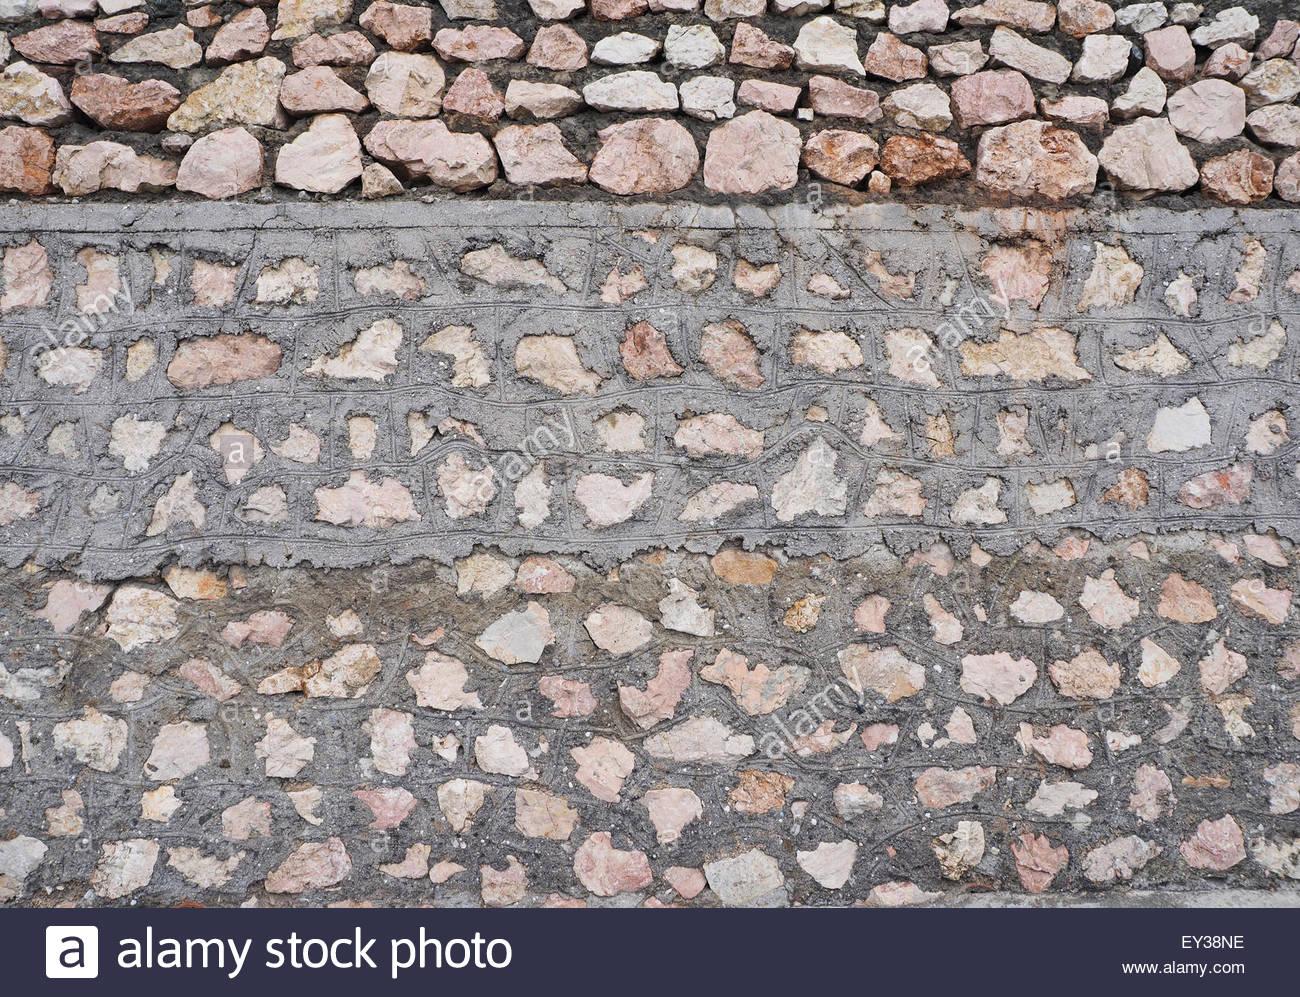 stonework background Stock Photo 85509914   Alamy 1300x997